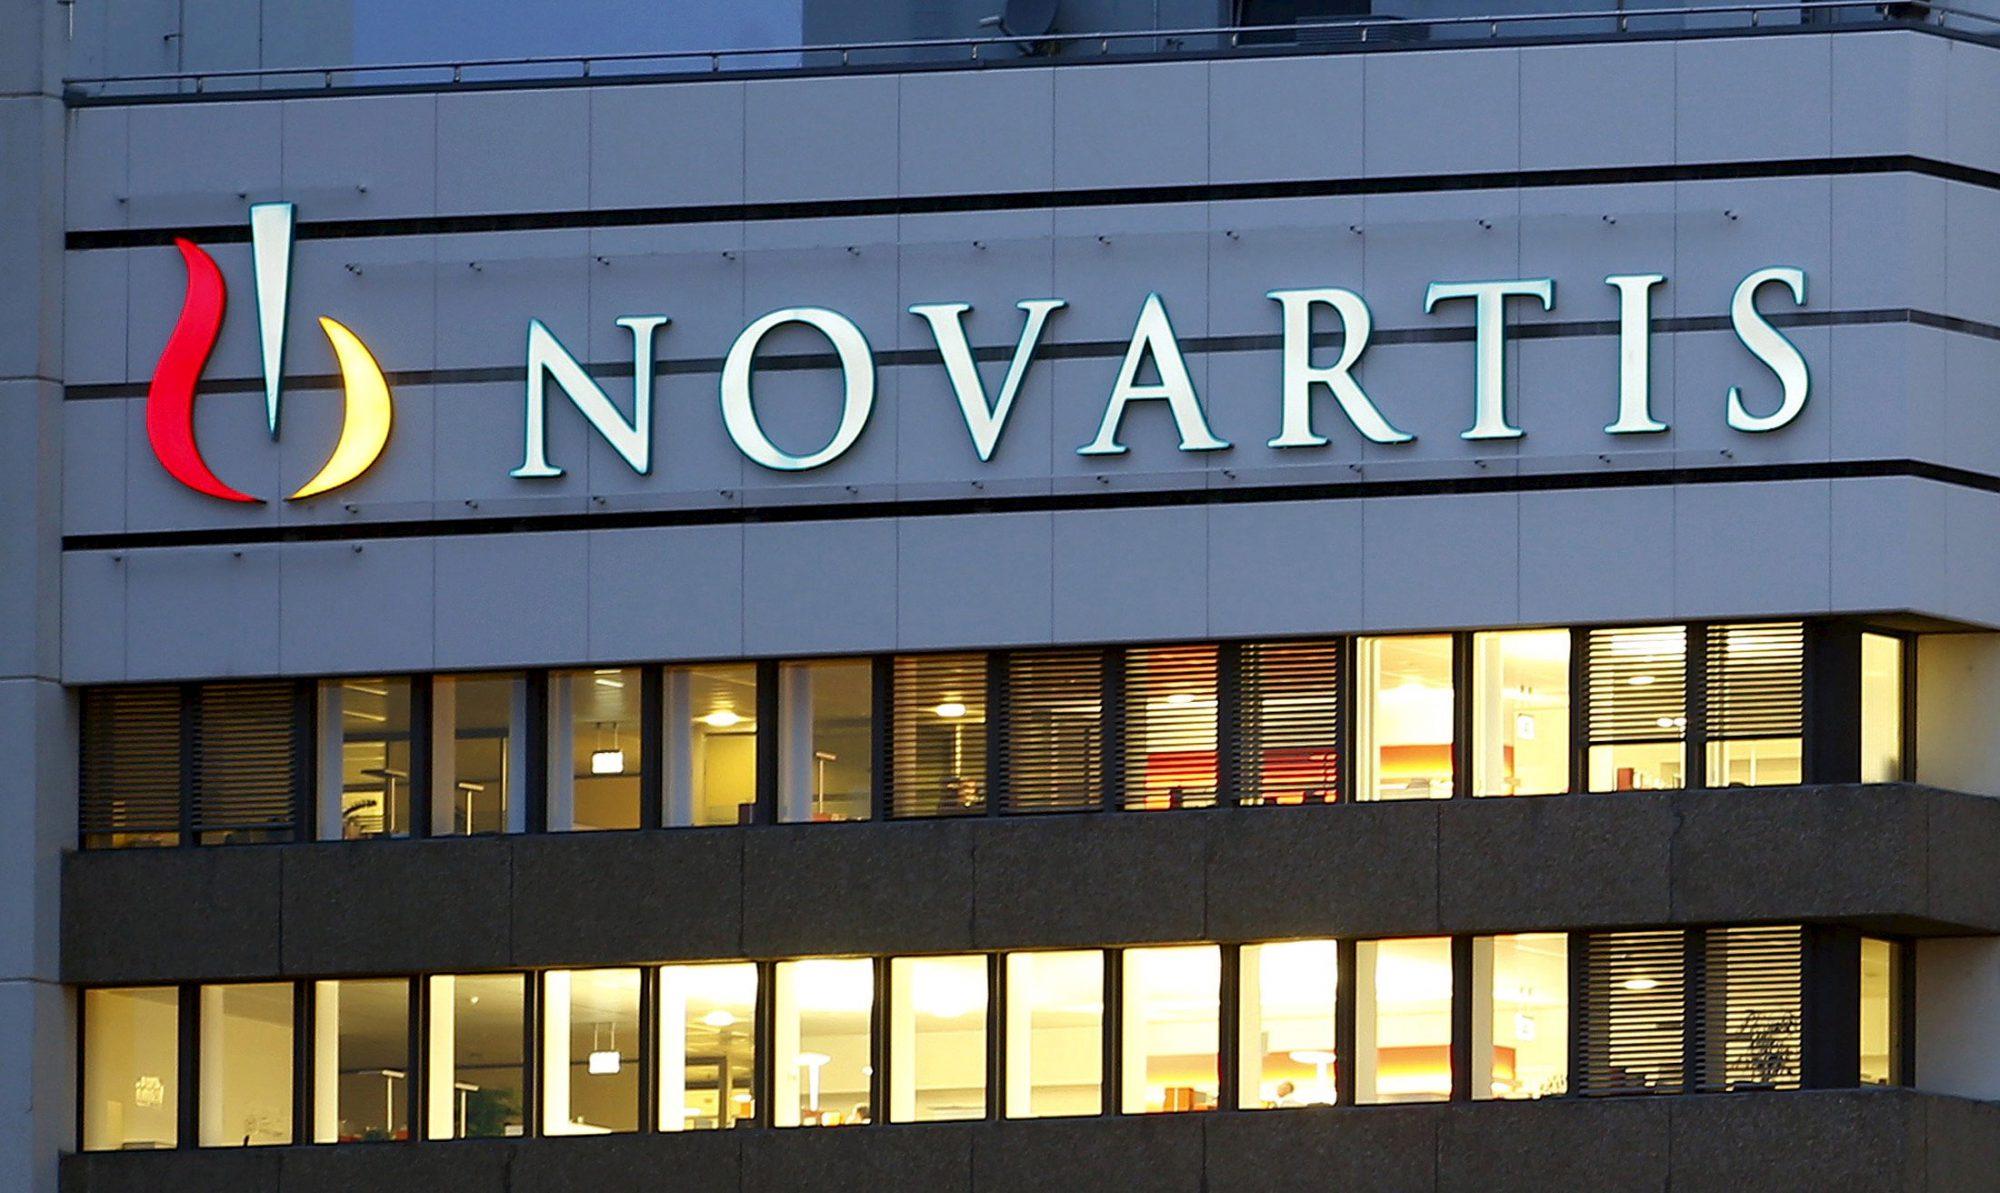 Ολοκληρώθηκε η έρευνα για τη Novartis στο Κοινοβούλιο. Ο Λομβέρδος καλείται να καταθέσει